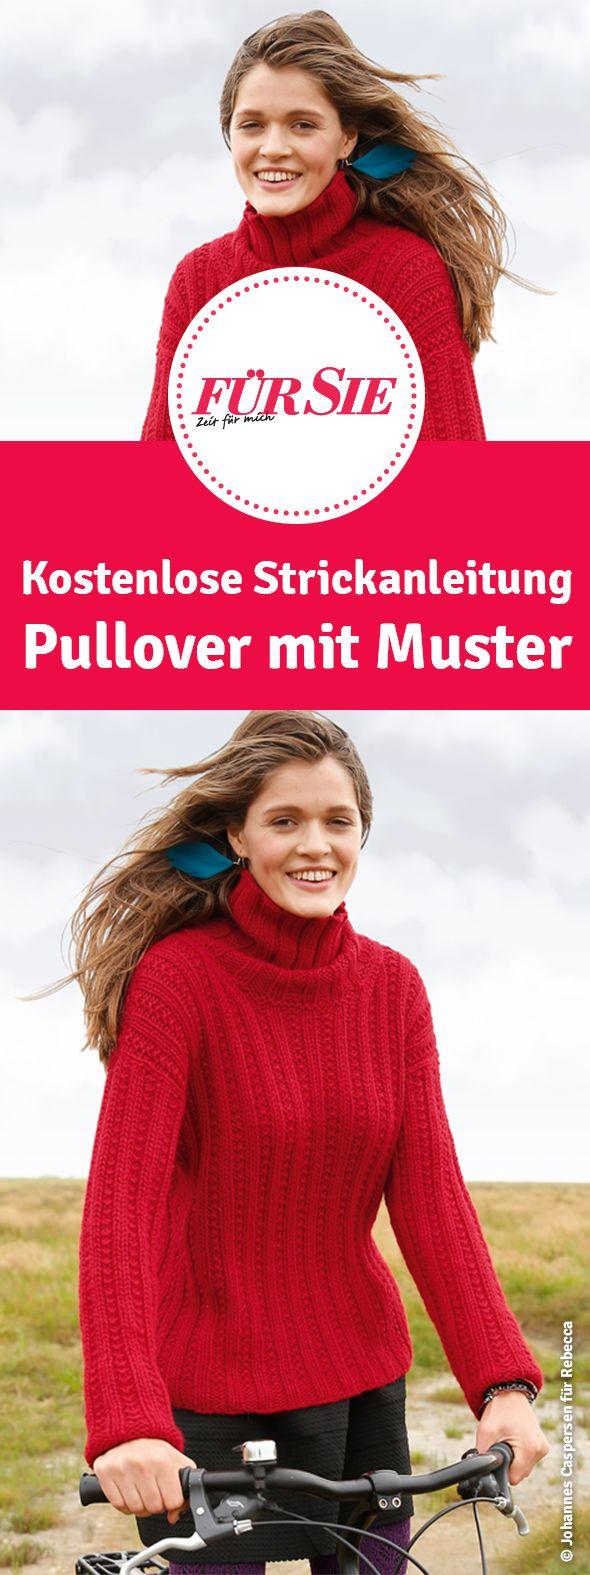 kostenlose Strickanleitung Pullover mit Muster selber stricken mit Strickmuster